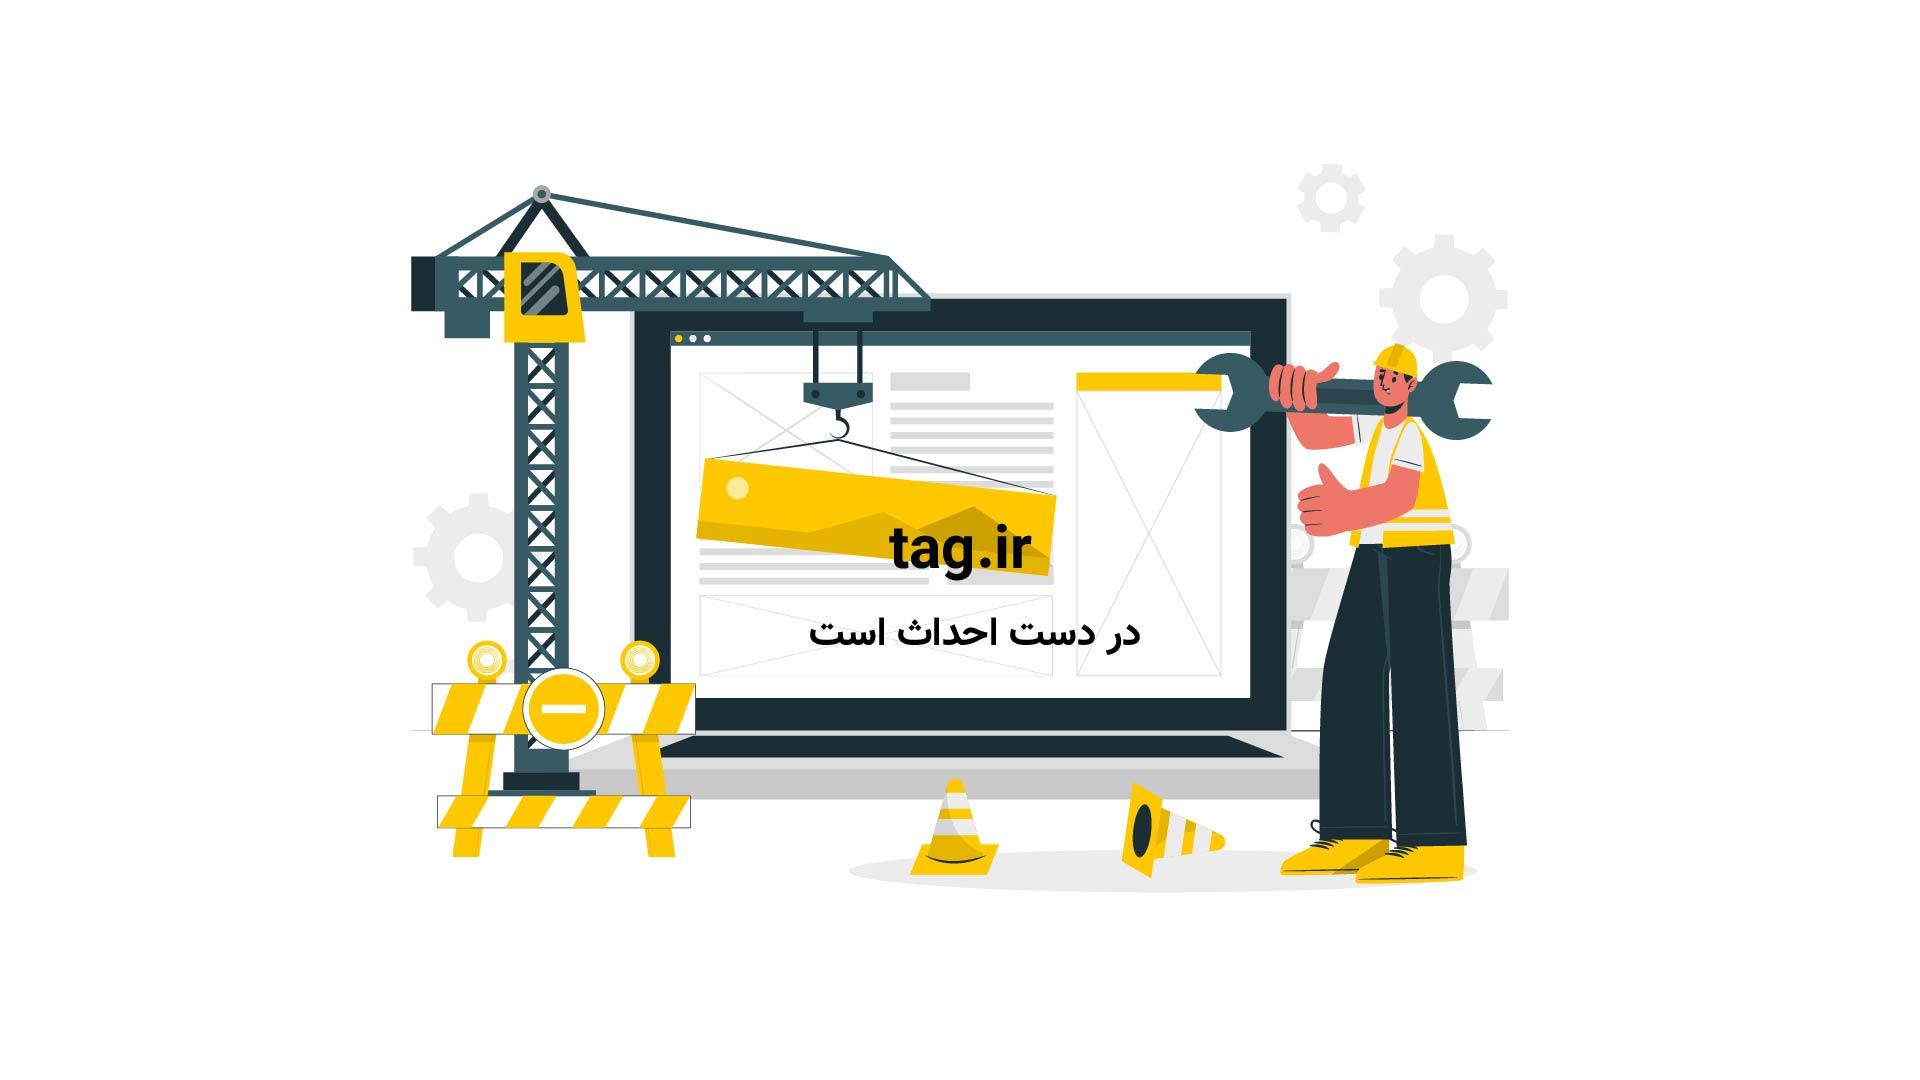 دستکش-نیومانو | تگ